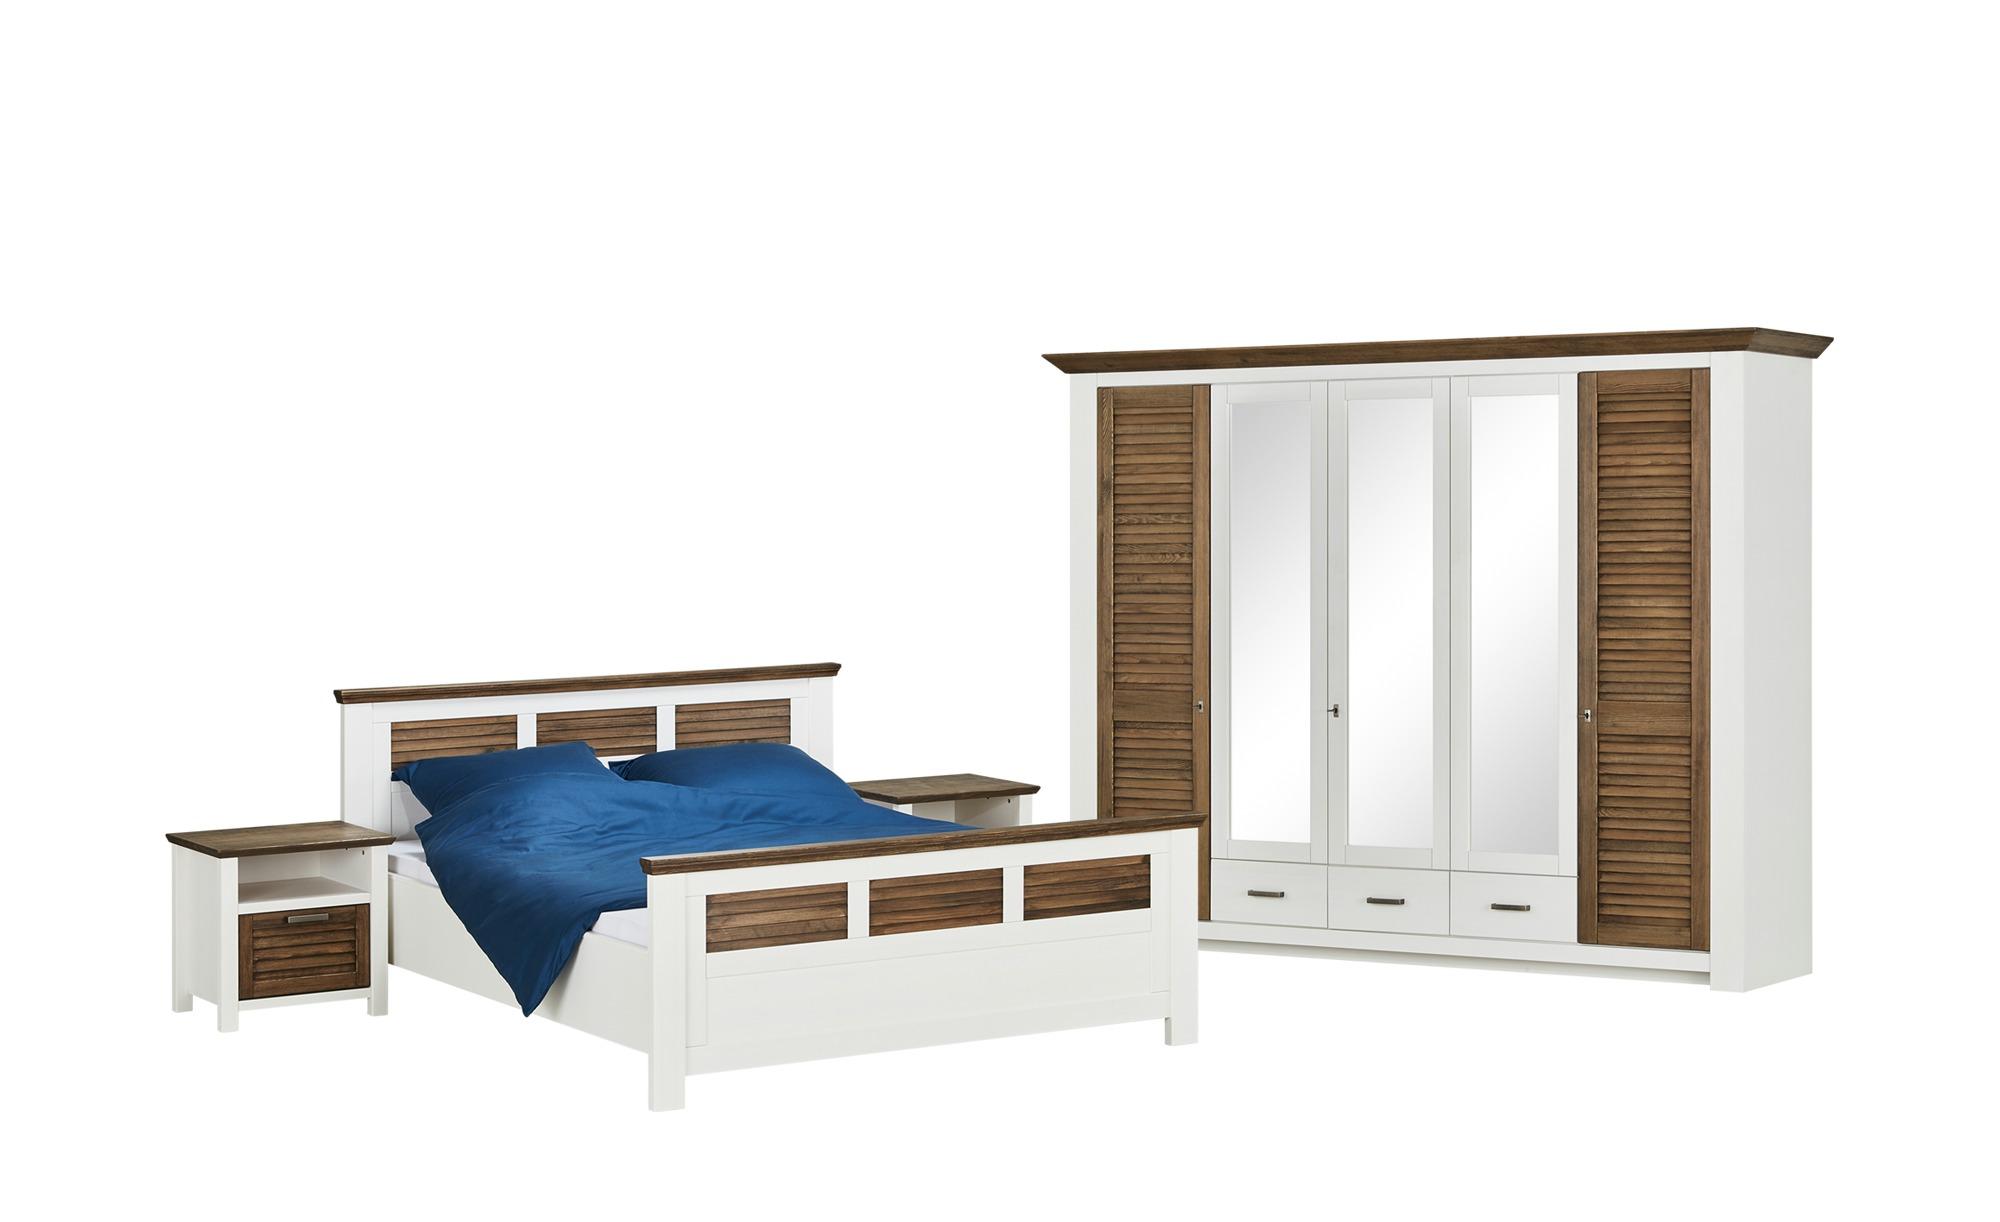 KomplettSchlafzimmer 4teilig Laguna Jetzt bestellen